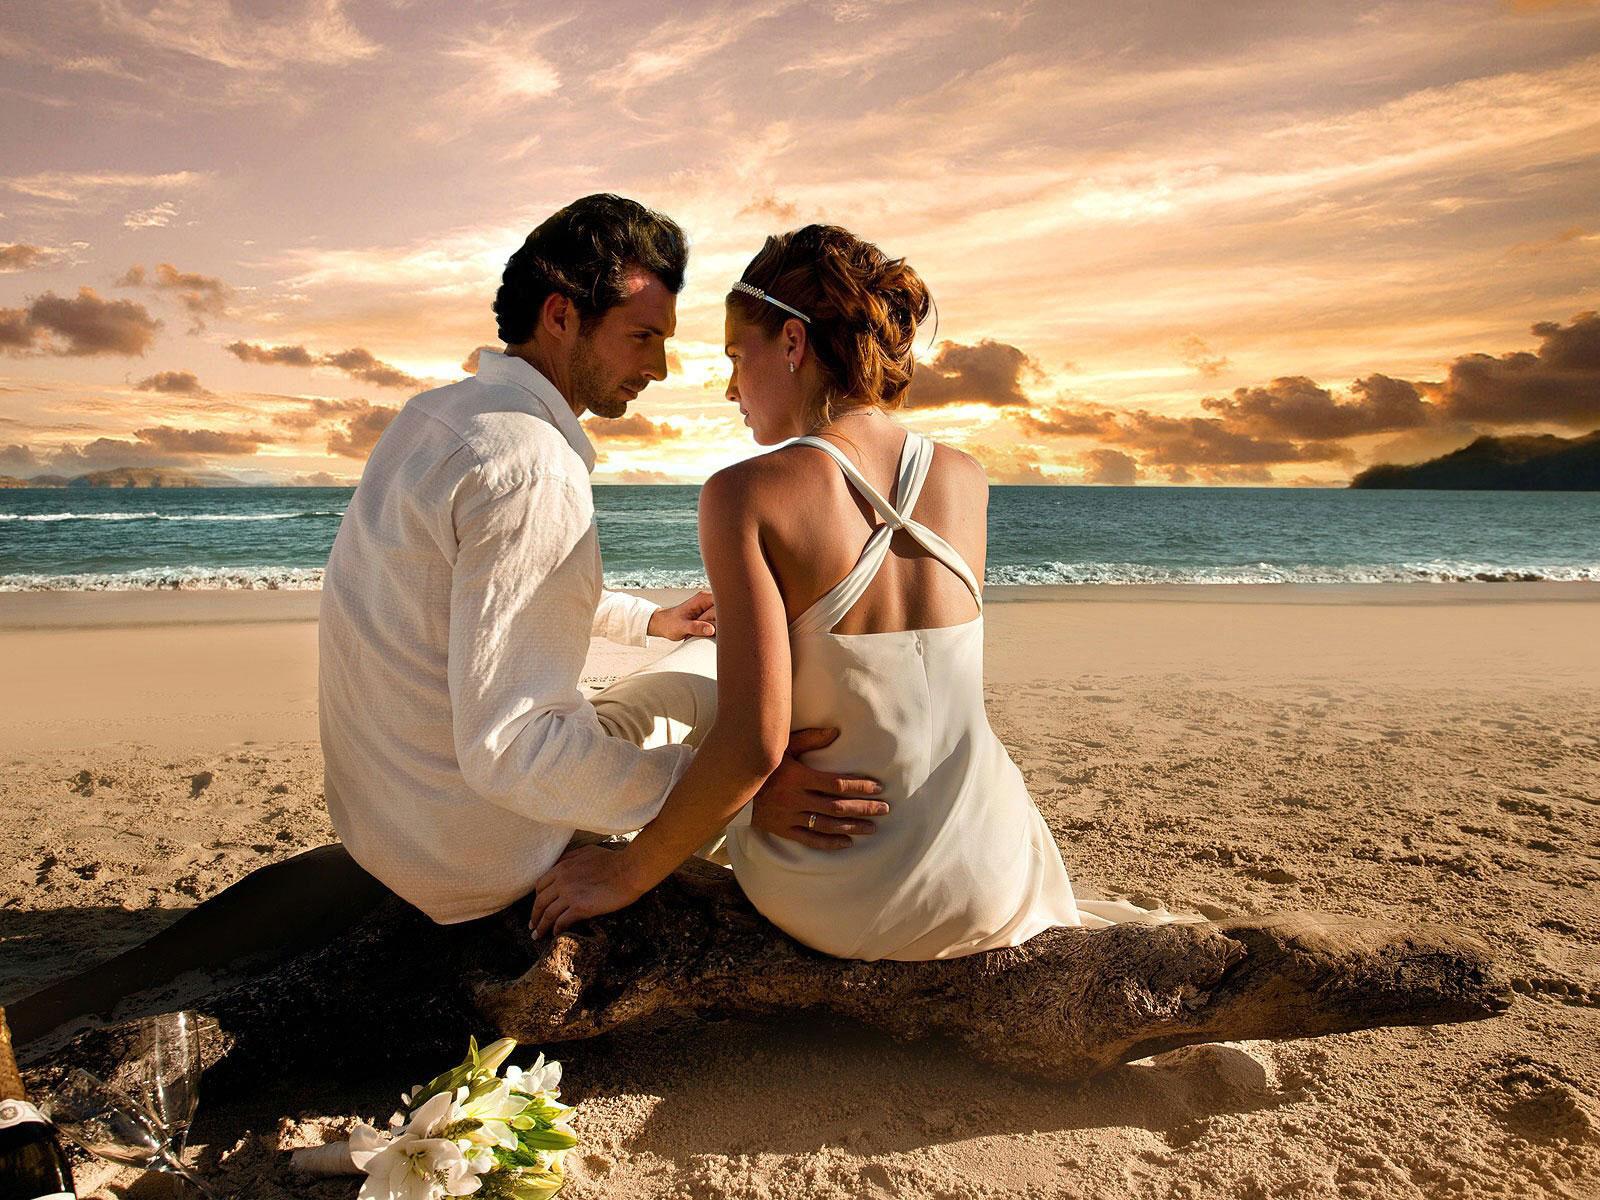 بالصور صور عشاق رومانسيه , اجمل صور الحب الرومانسية 3737 9